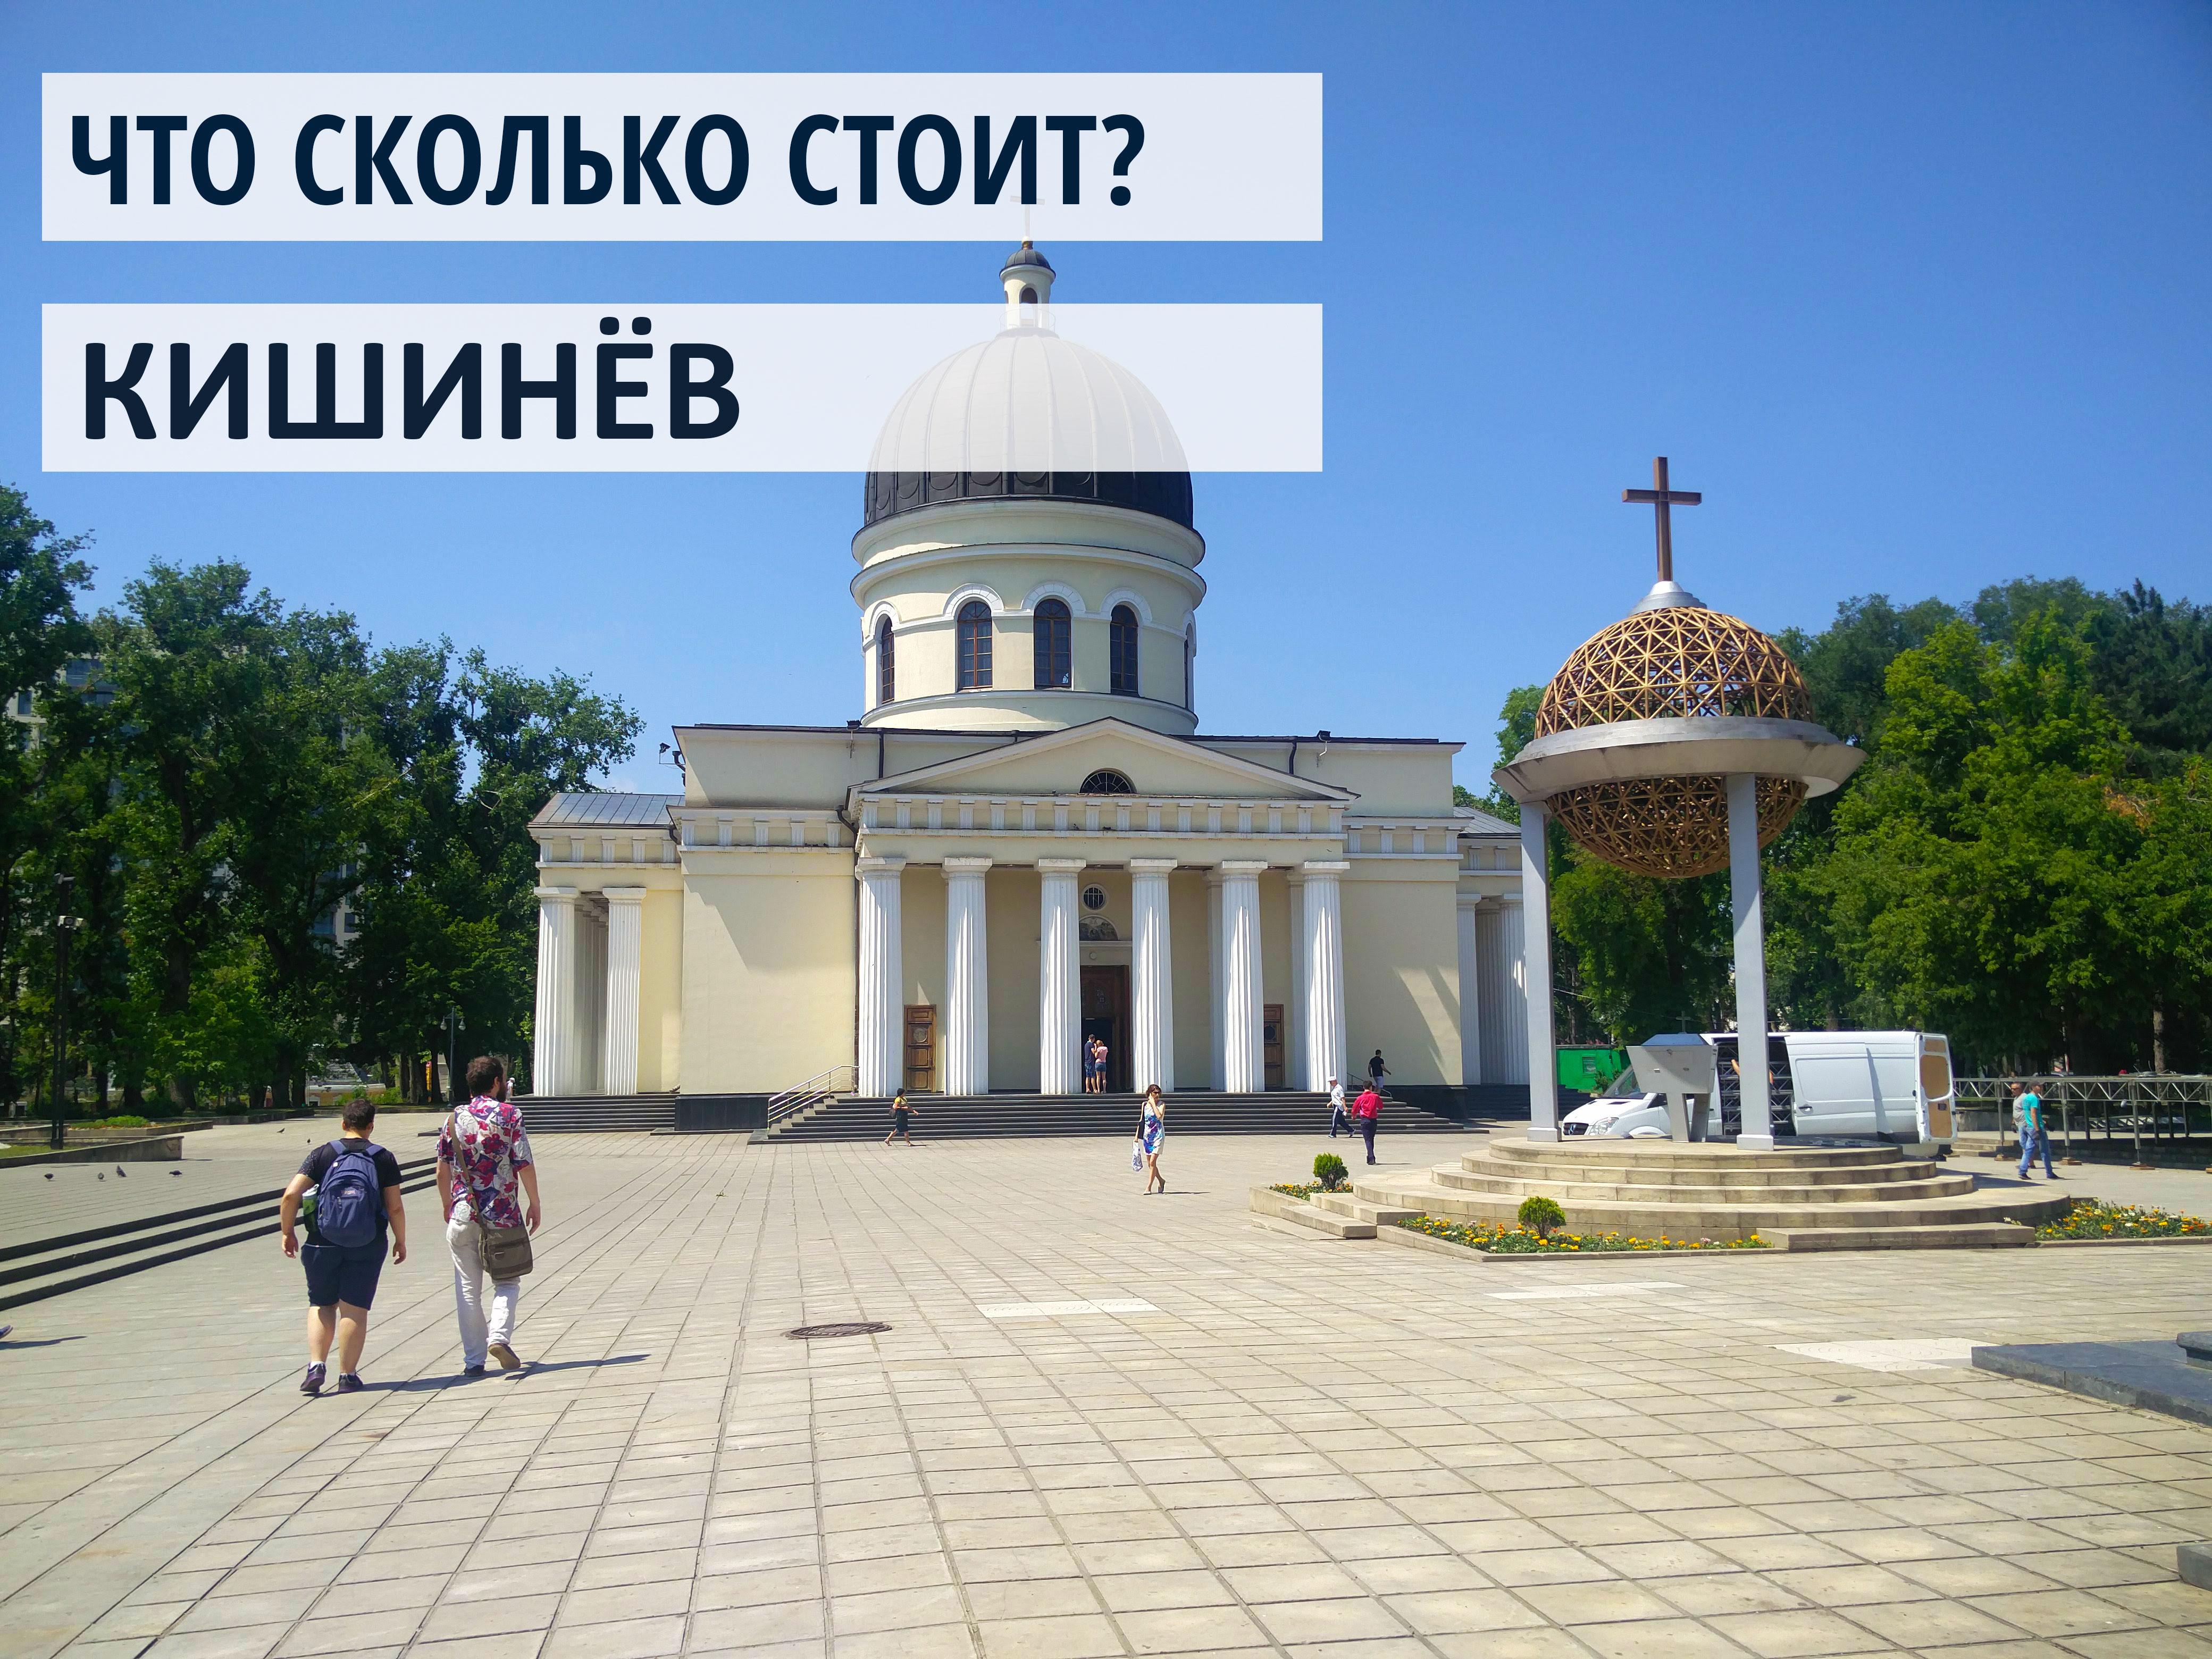 Цены в Кишинёве, Молдова - на аренду жилья, питание, транспорт